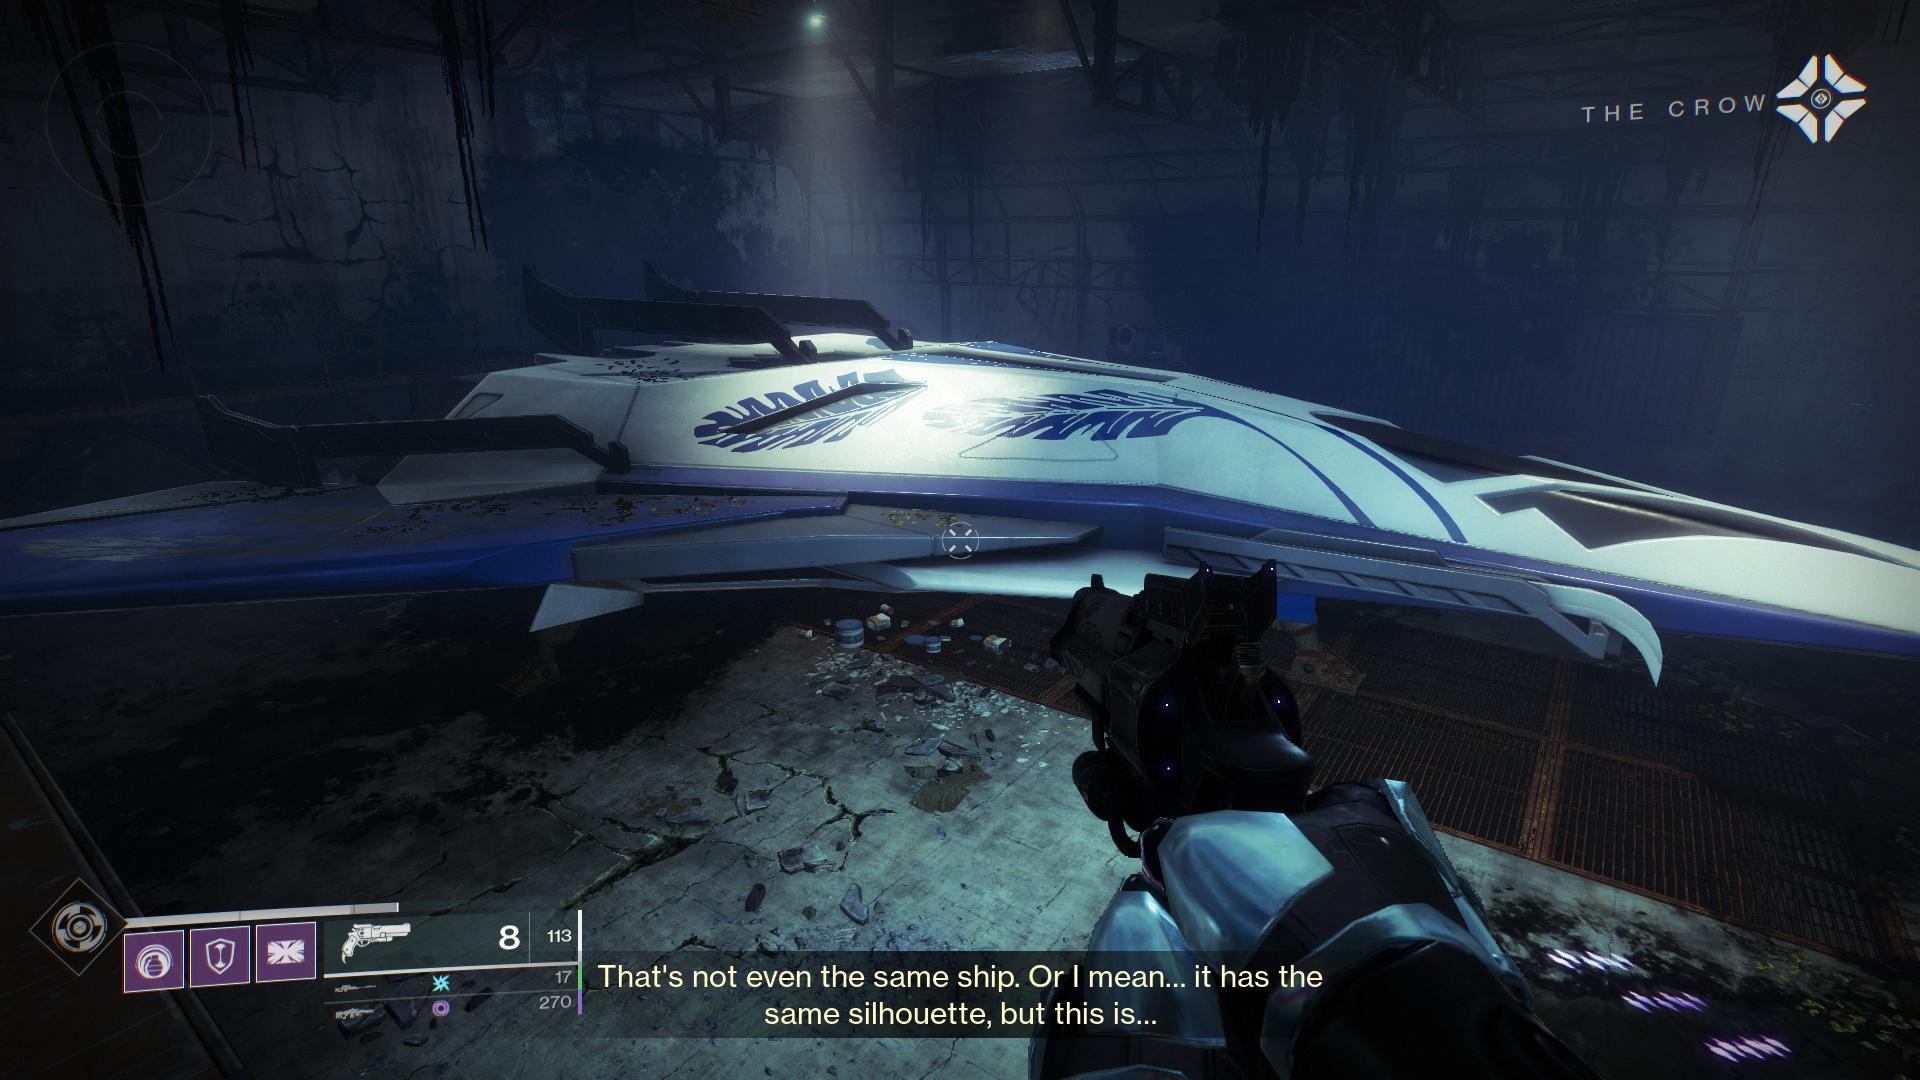 Destiny 2 Crow's ship